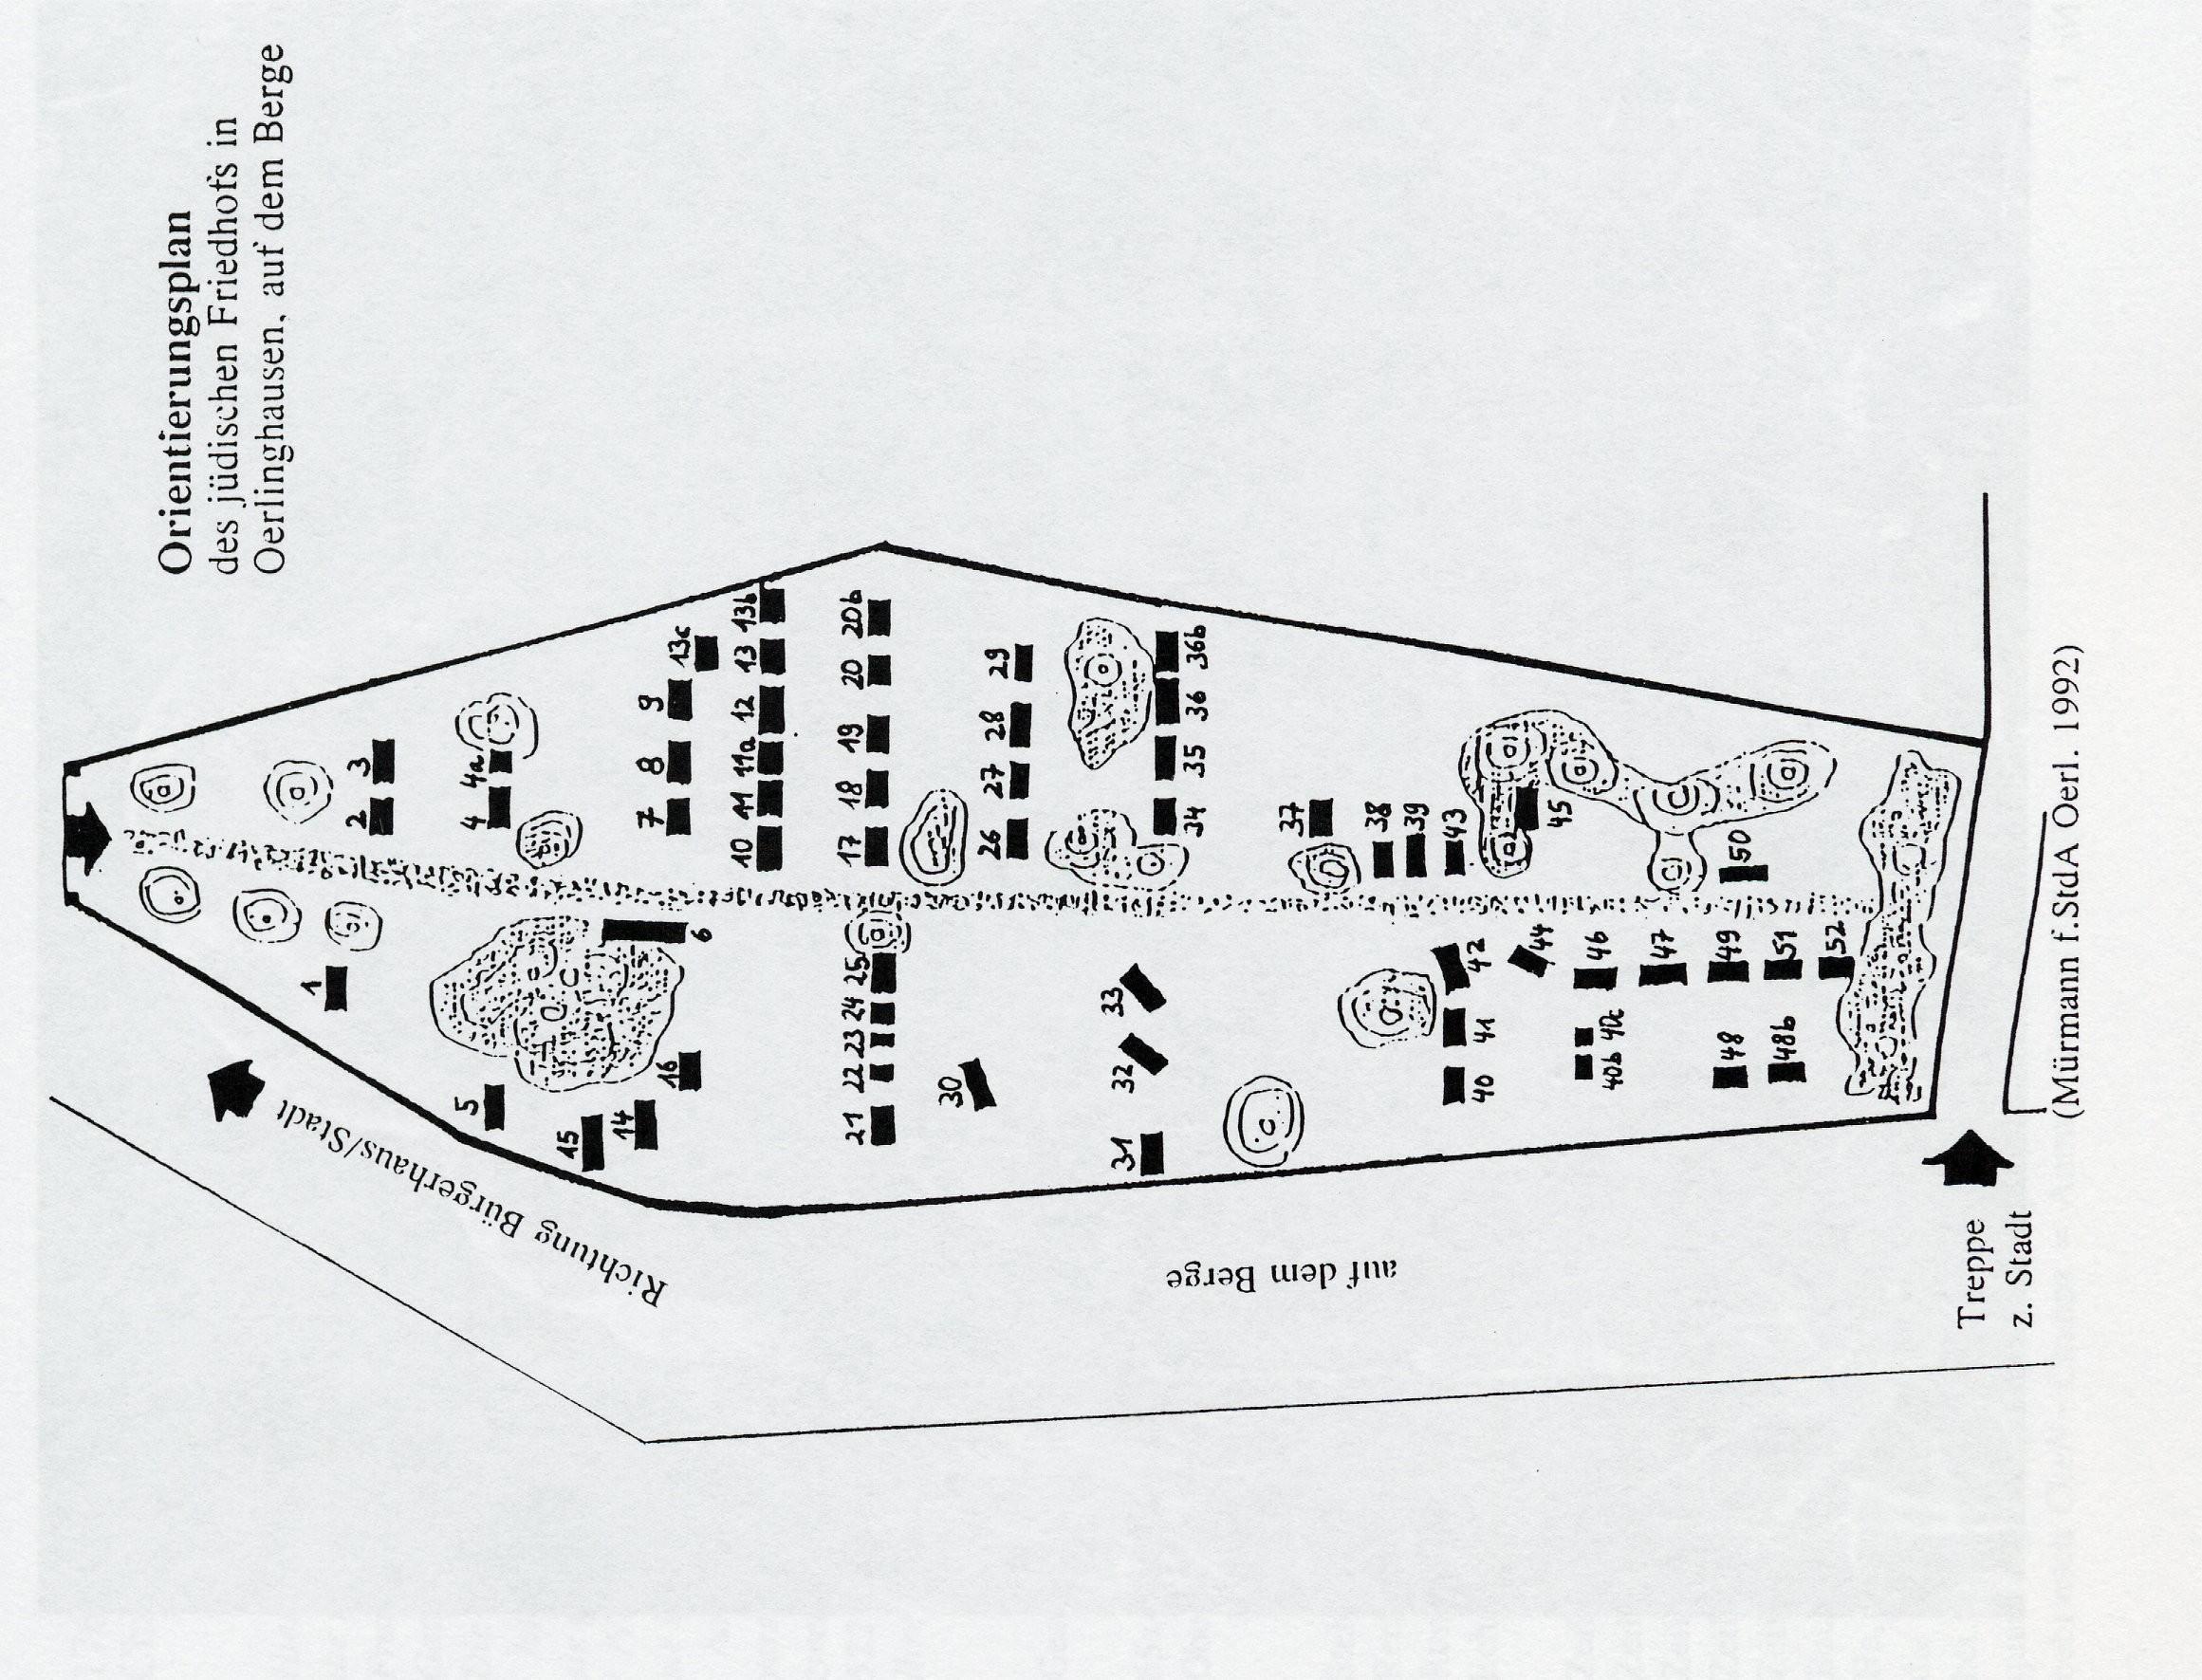 Jüdischer Friedhof Plan